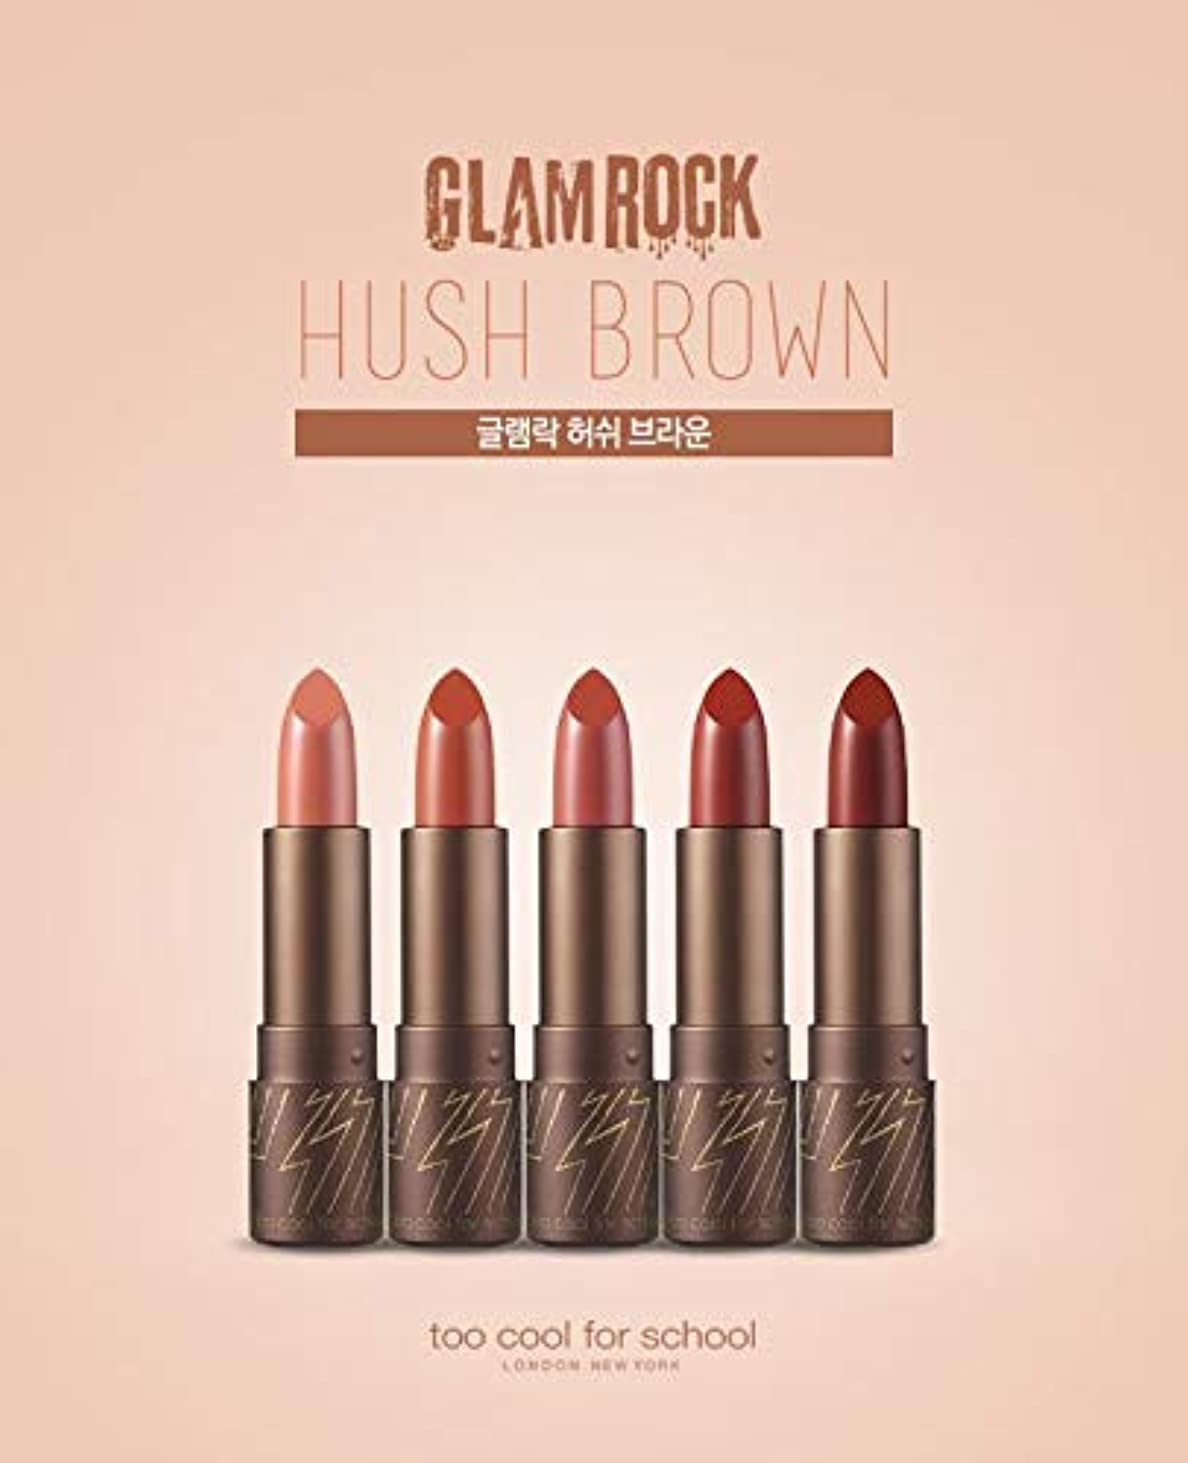 独立したくそー問い合わせ[too cool for school] GLAMROCK Hush Brown 4.2g /グルレムラクハーシーブラウン (1号 Mute/ミュート) [並行輸入品]